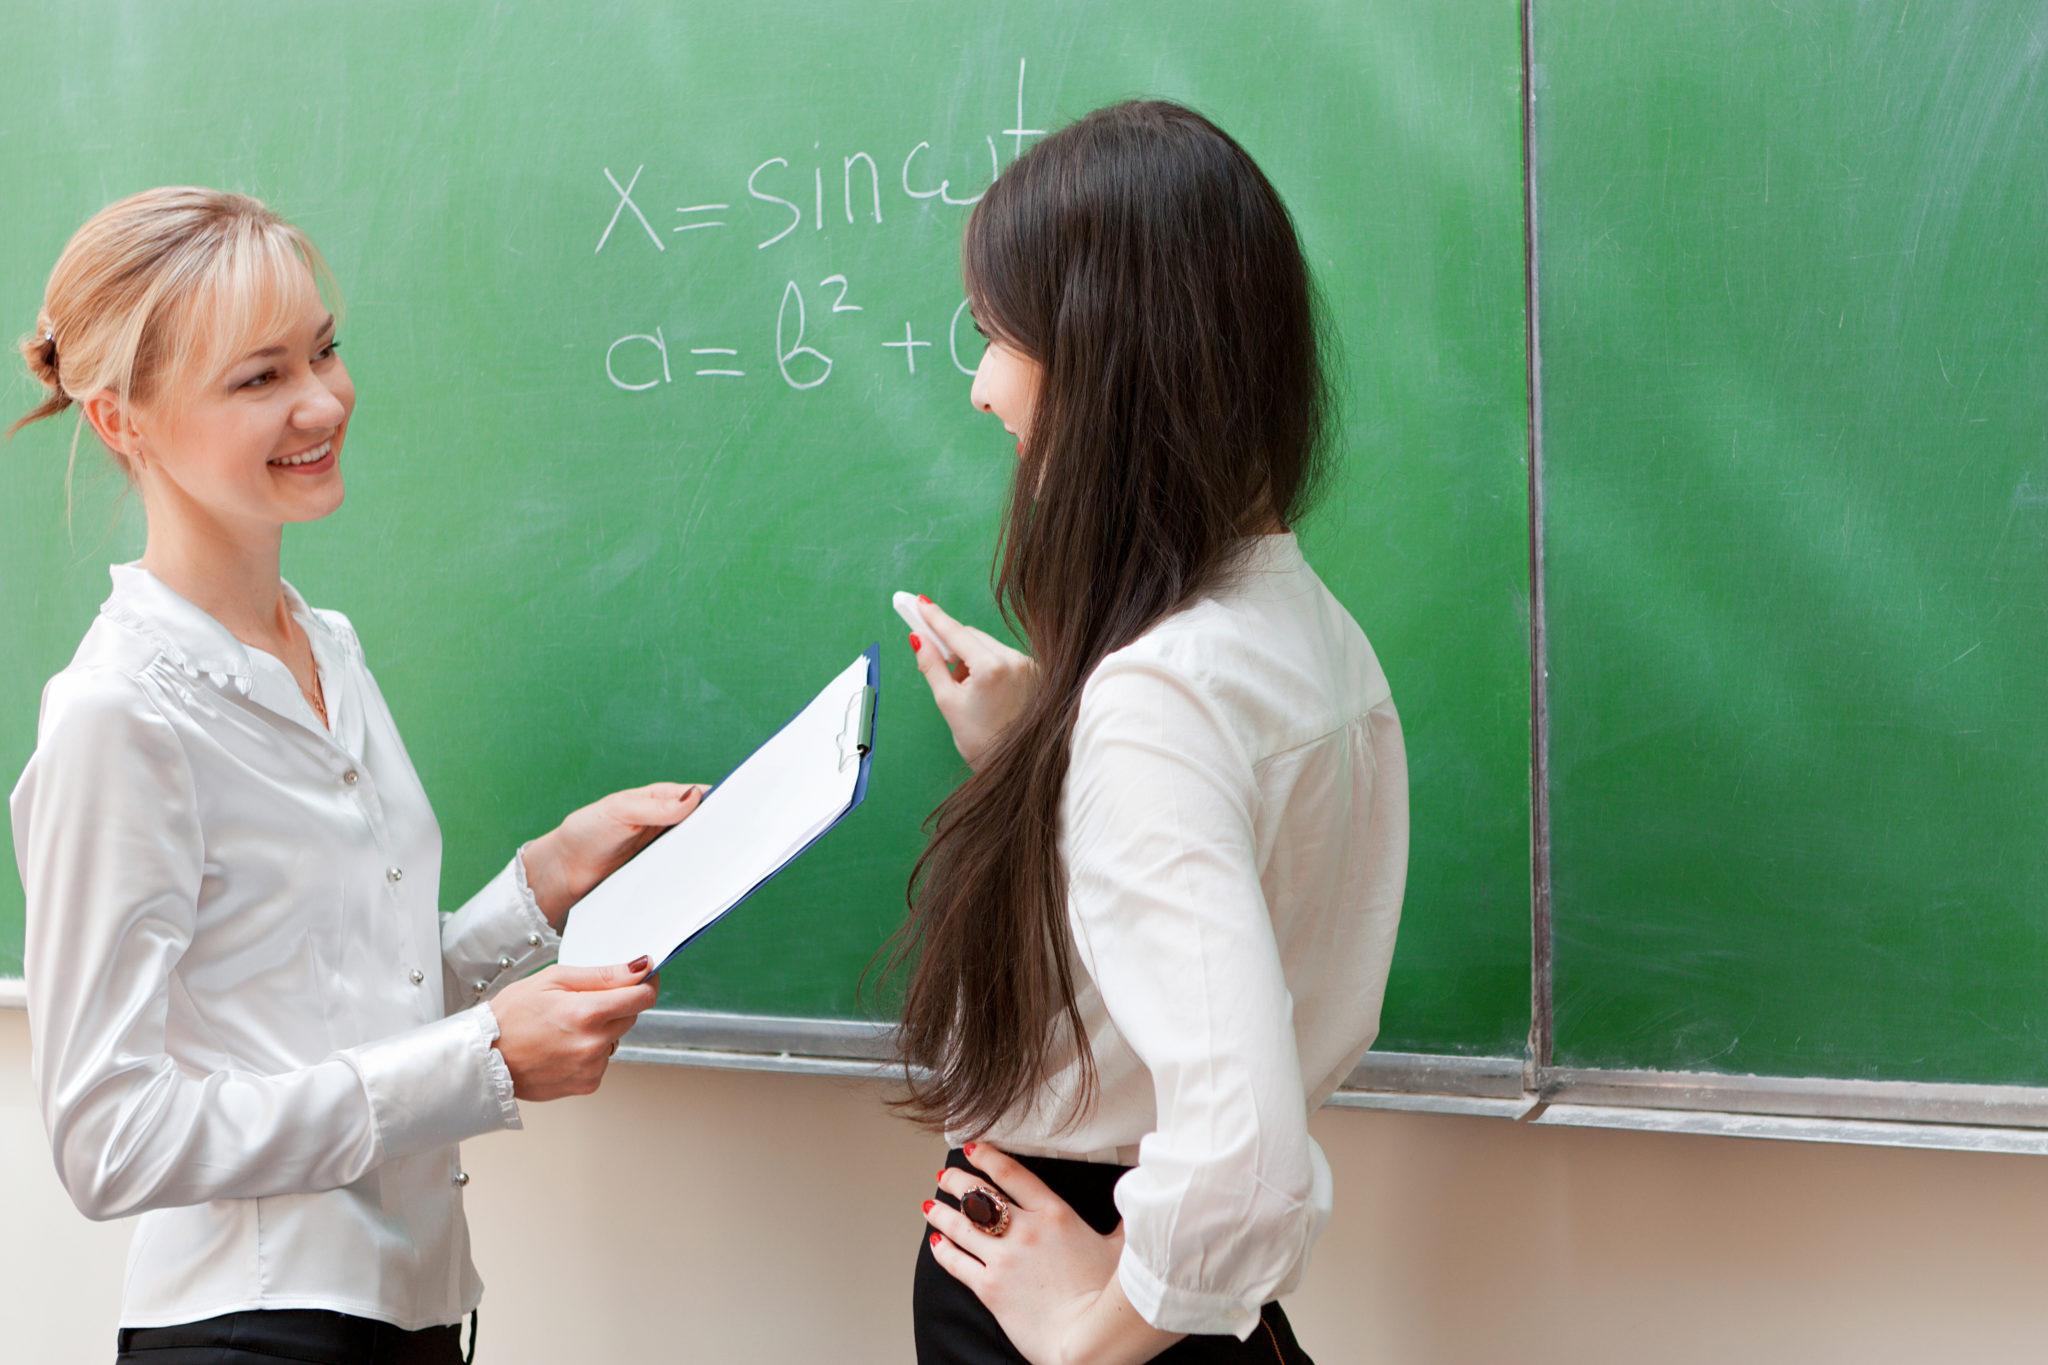 Ofertas de trabajo para profesores, vacantes en colegios, trabajo de profesor, empleo de profesor, empleo de profesor de Grado Medio - CVExpres